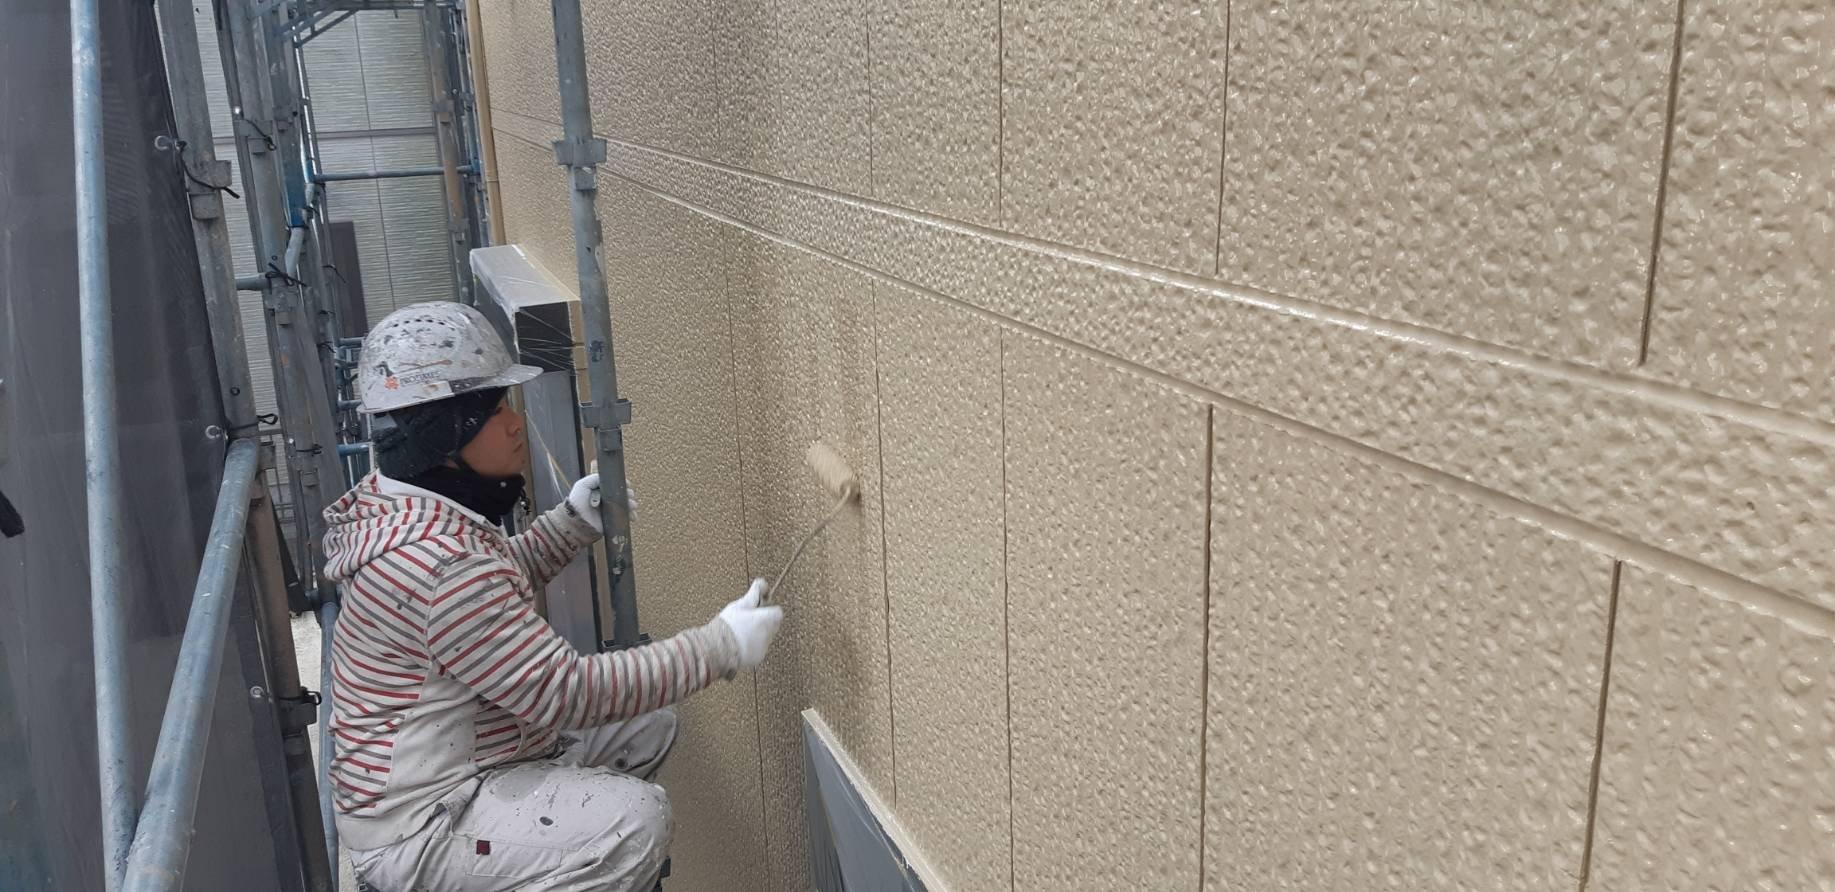 福岡県宗像市三郎丸M様邸施工5日外壁上塗り付帯塗装作業